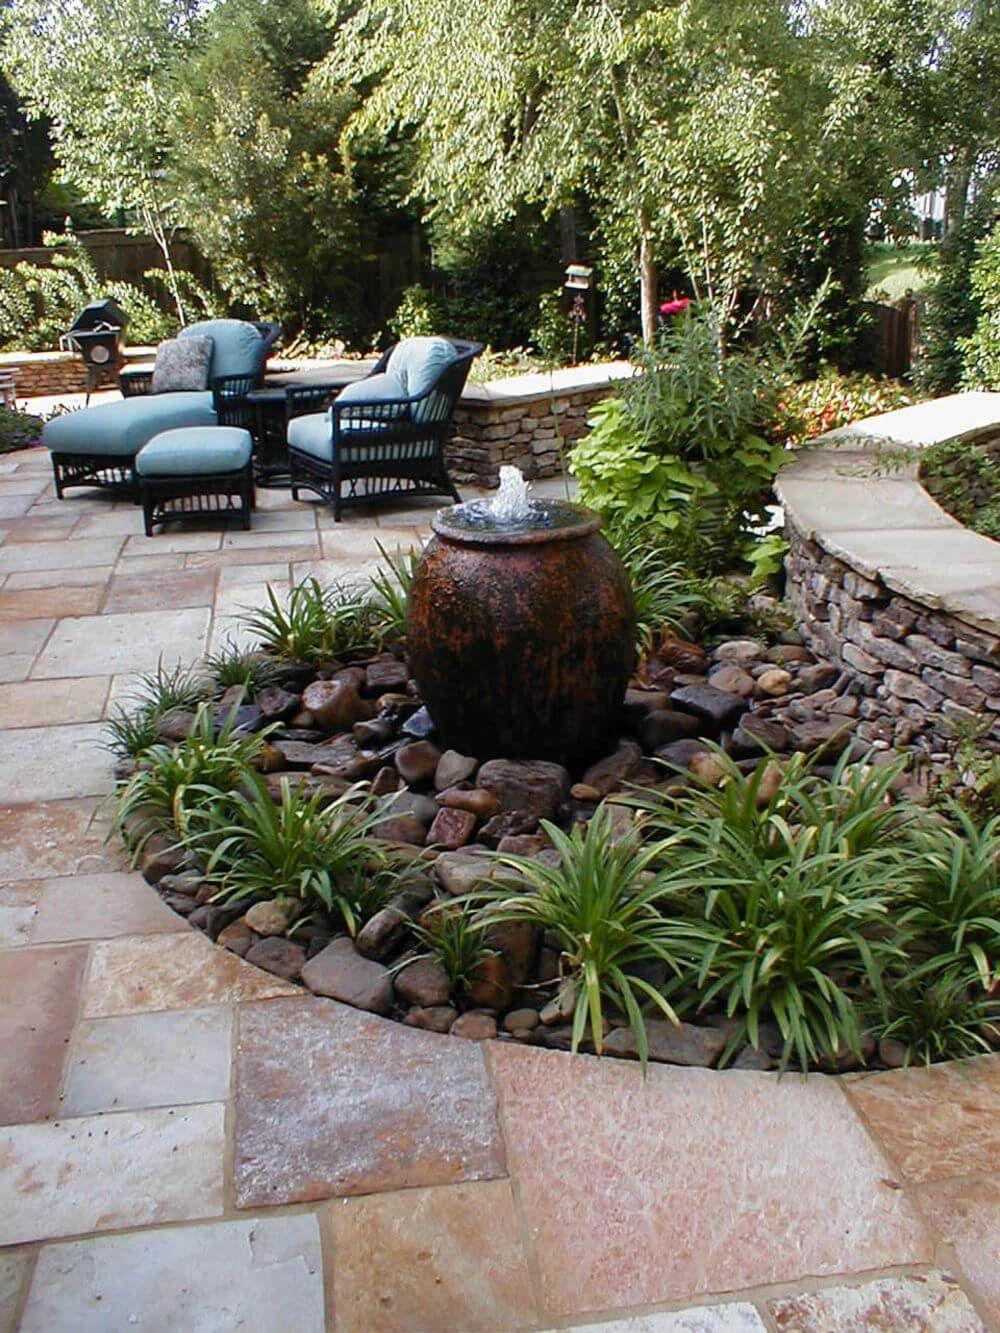 44 Best Landscaping Design Ideas Without Grass No Grass Backyard Small Backyard Gardens Fountains Backyard Backyard Landscaping Designs Backyard landscaping ideas without pool